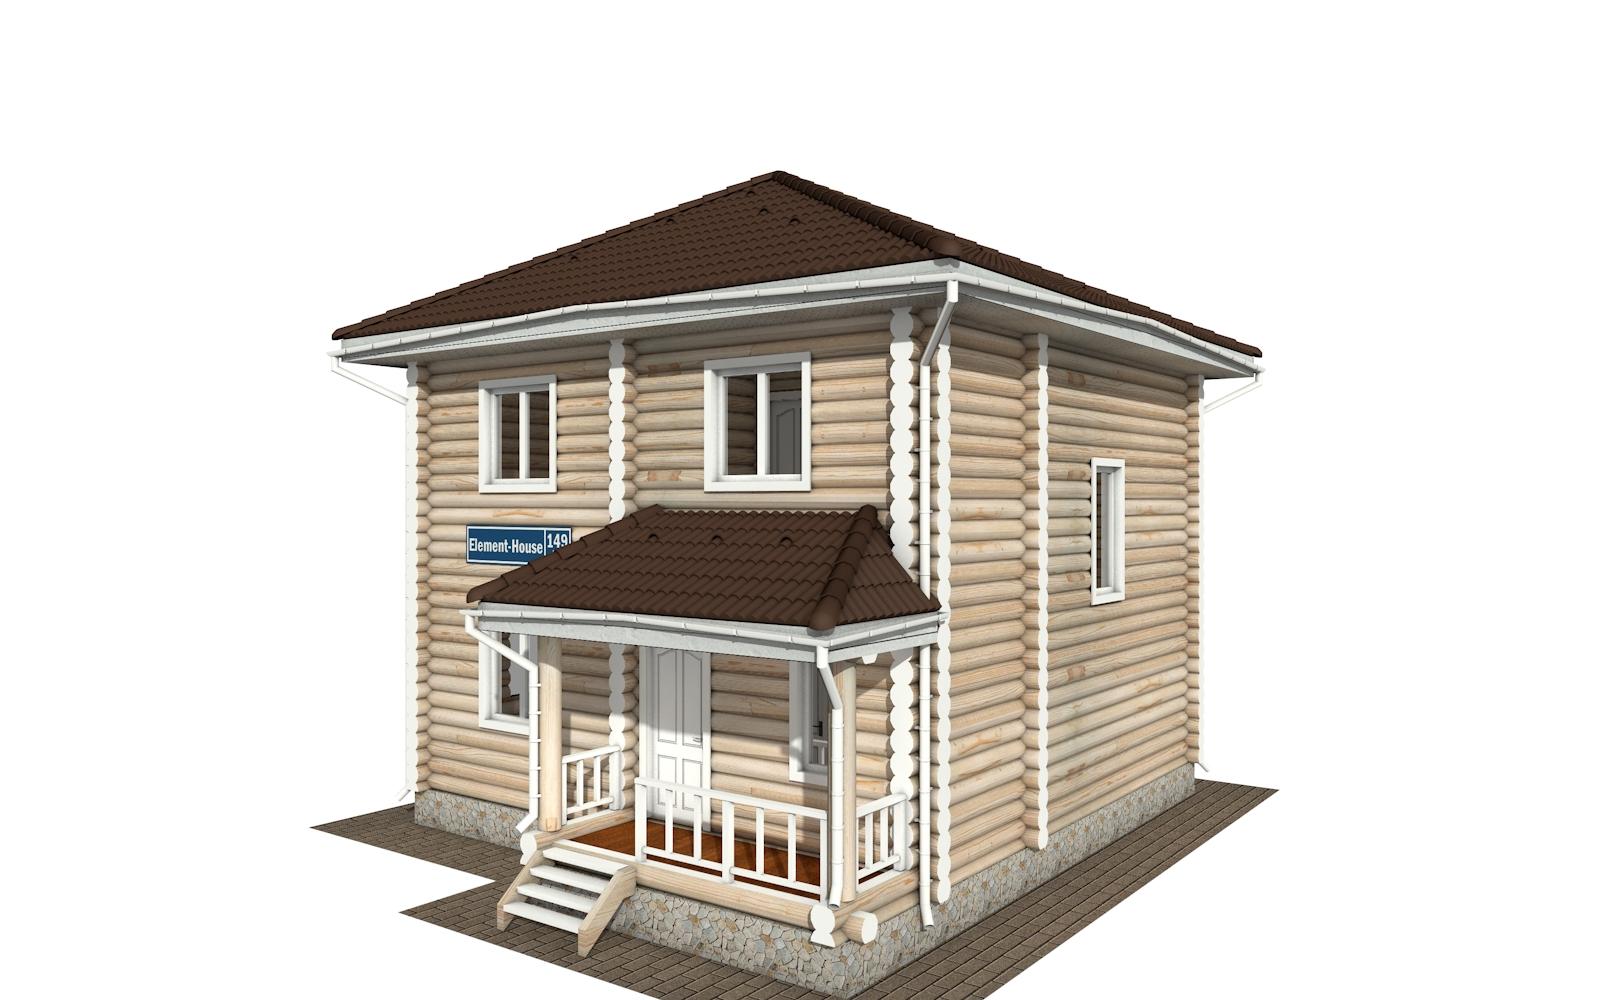 РС-149 - деревянный дома из бревна (из сруба)